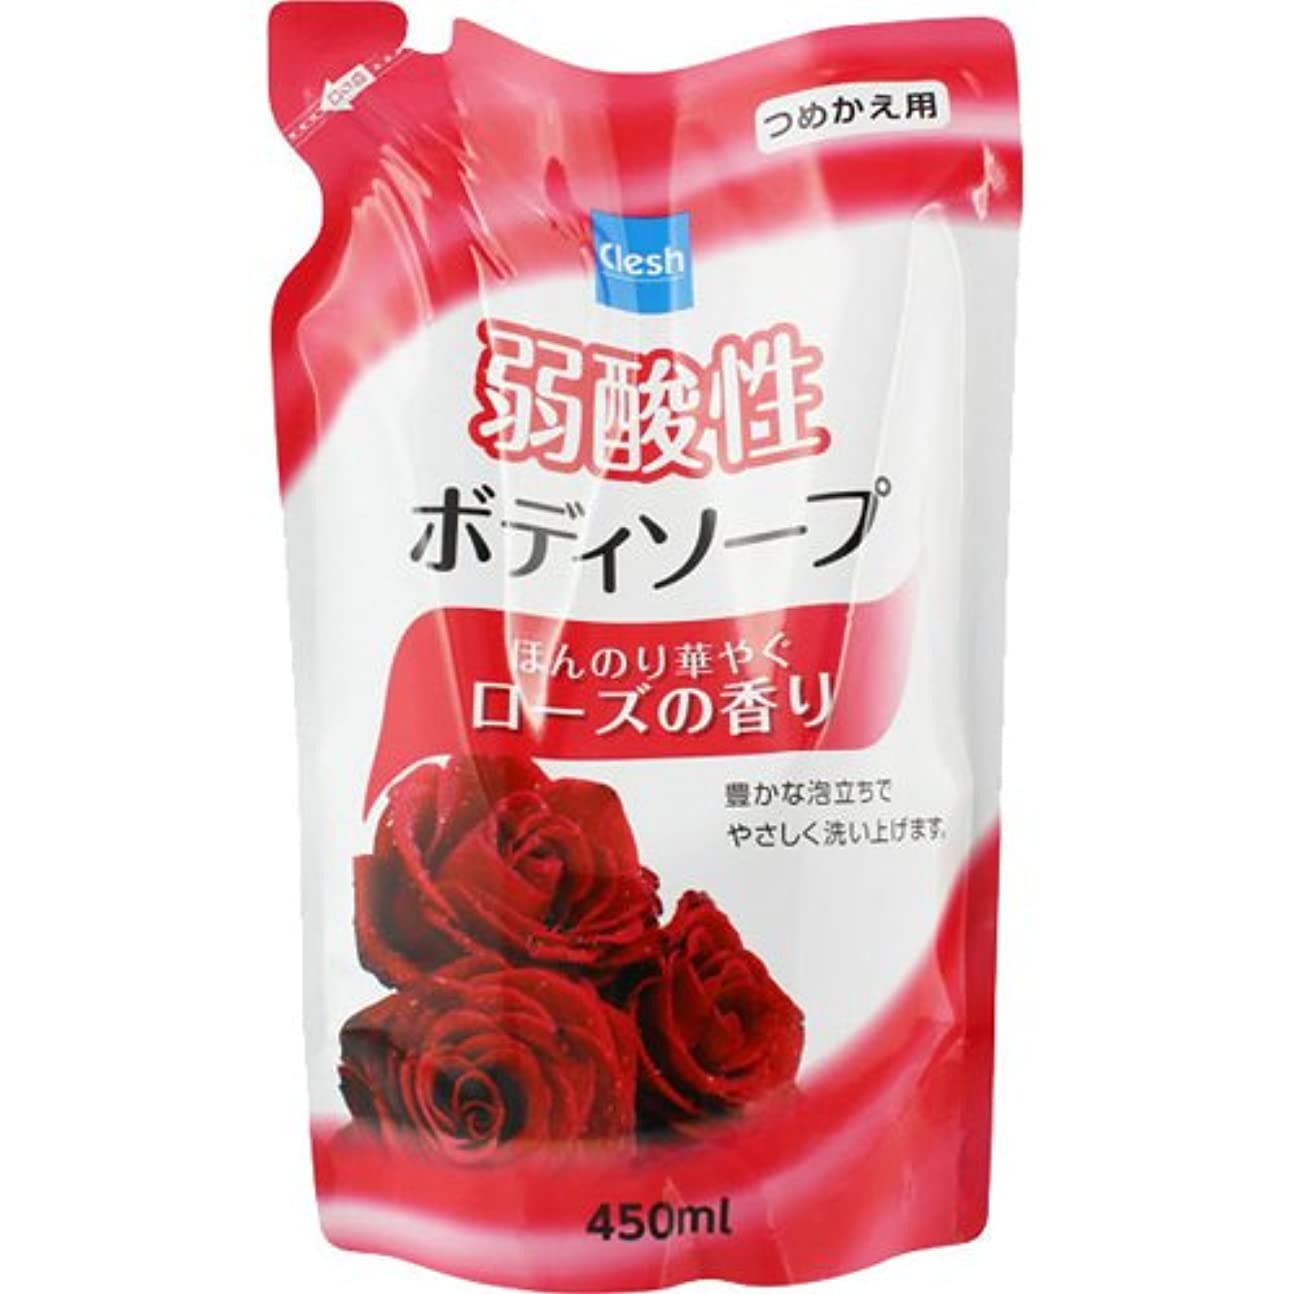 その間楽しませる受け入れClesh(クレシュ) 弱酸性ボディソープ ローズの香り つめかえ用 450ml